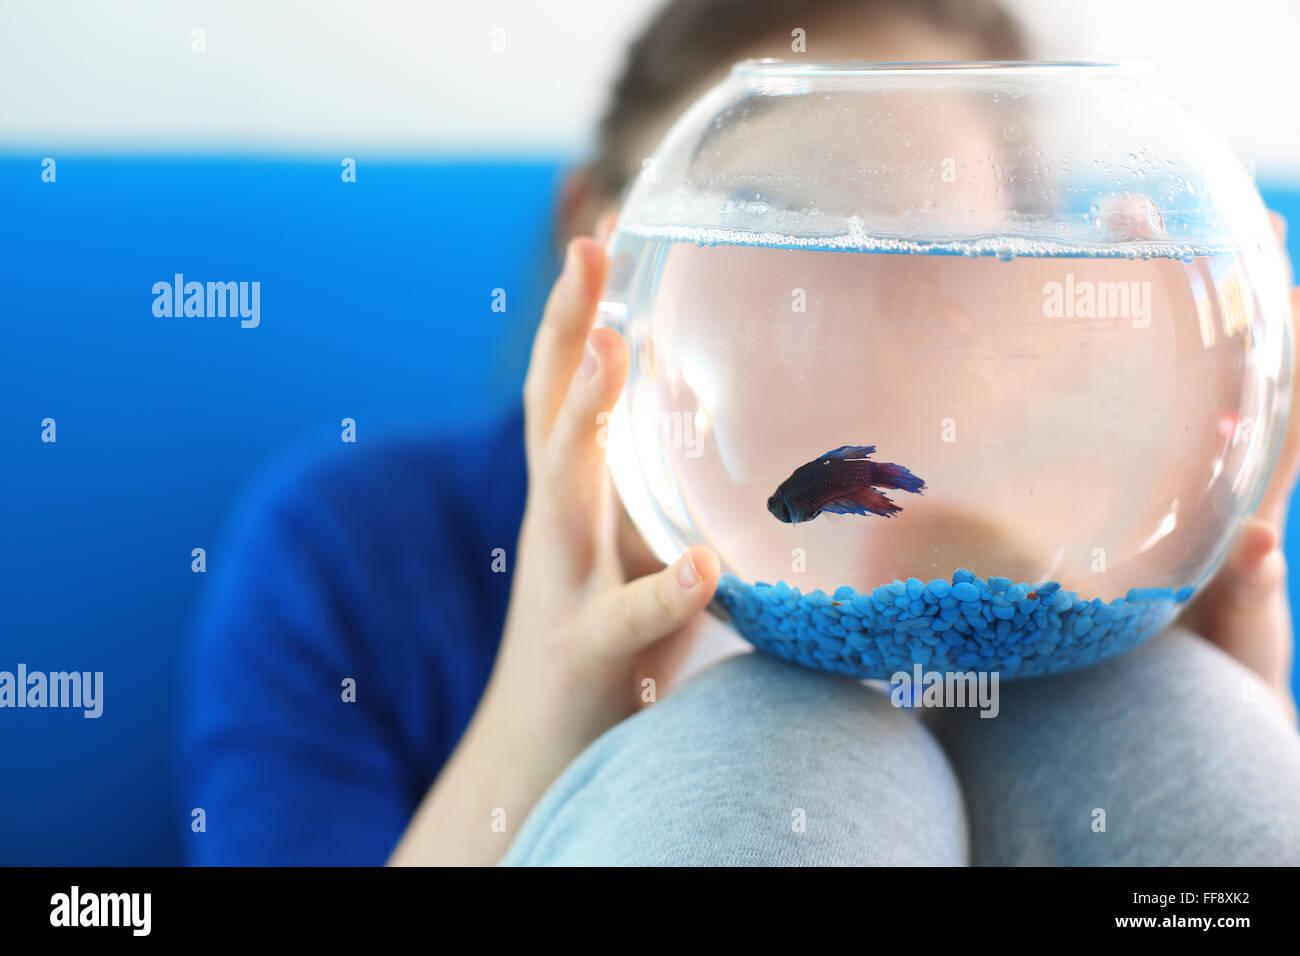 Quiero mascota ... . Niño sosteniendo una bola de cristal con un pescado azul Imagen De Stock